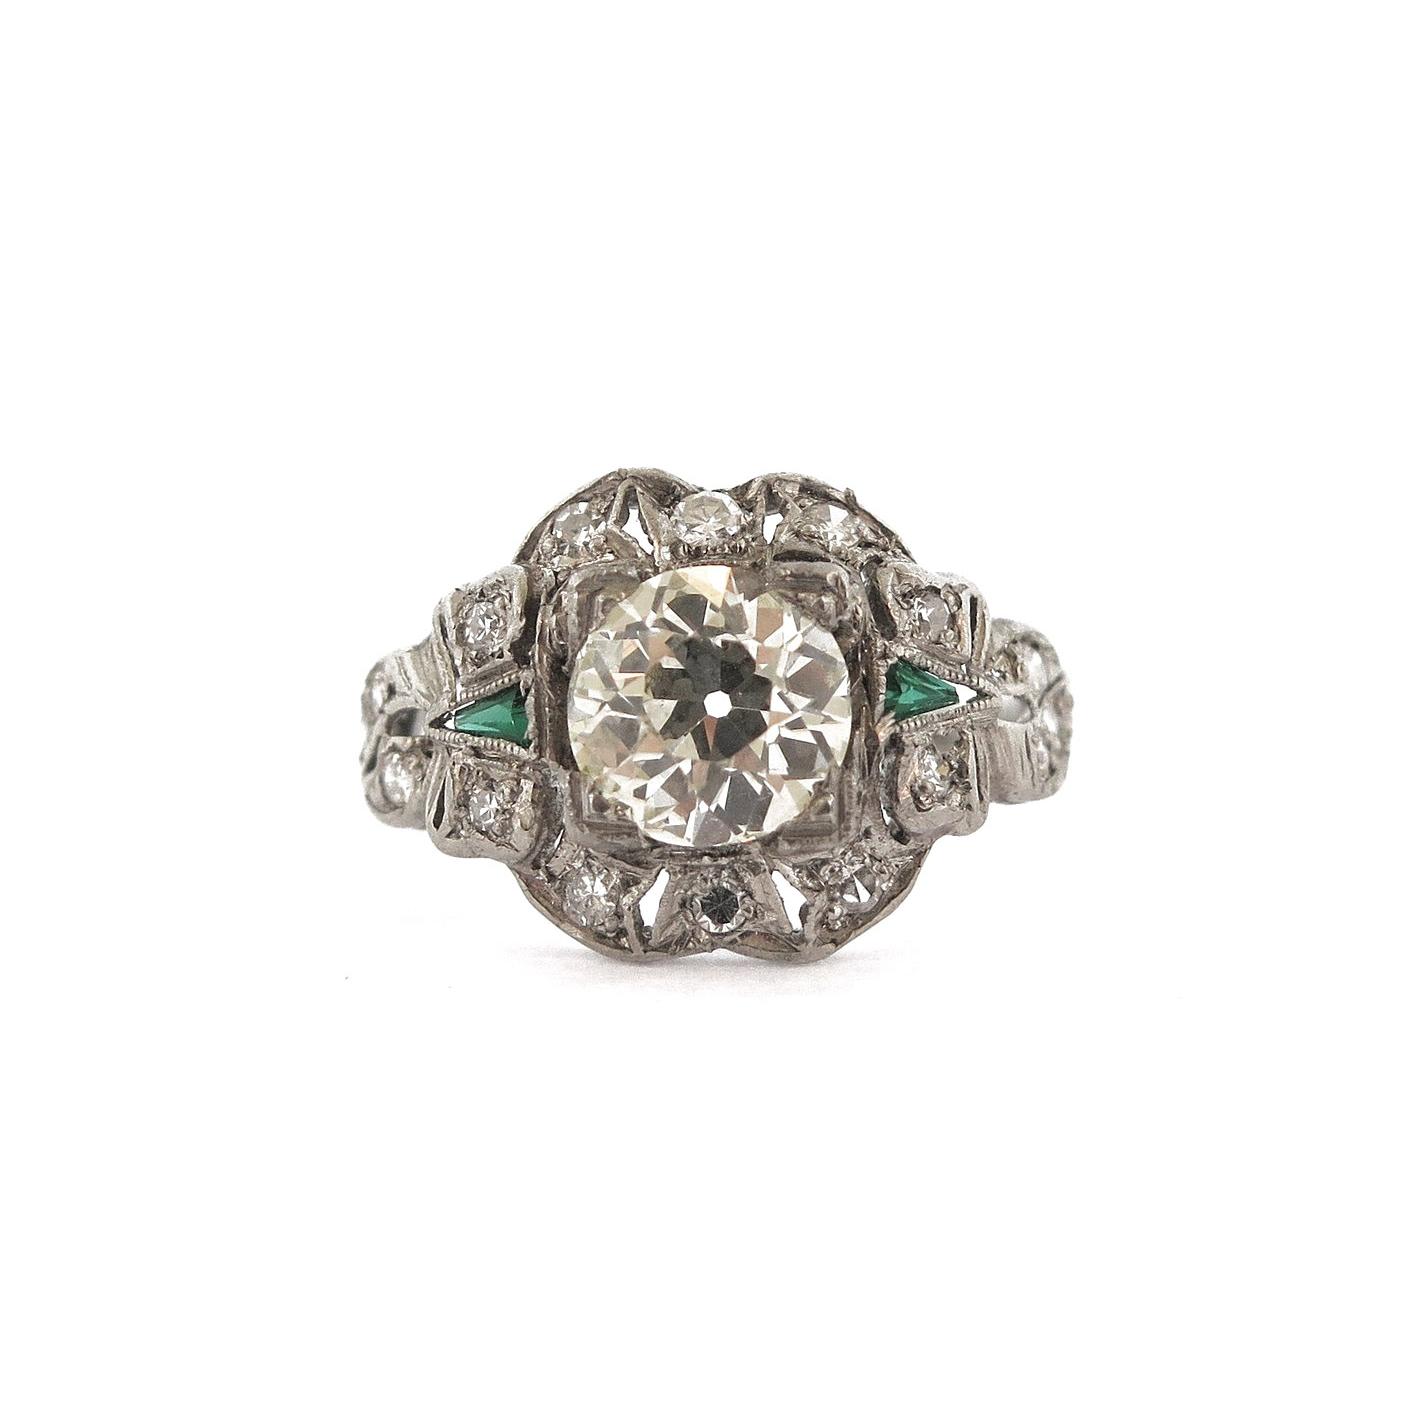 Deco Diamond & Emerald Platinum Ring